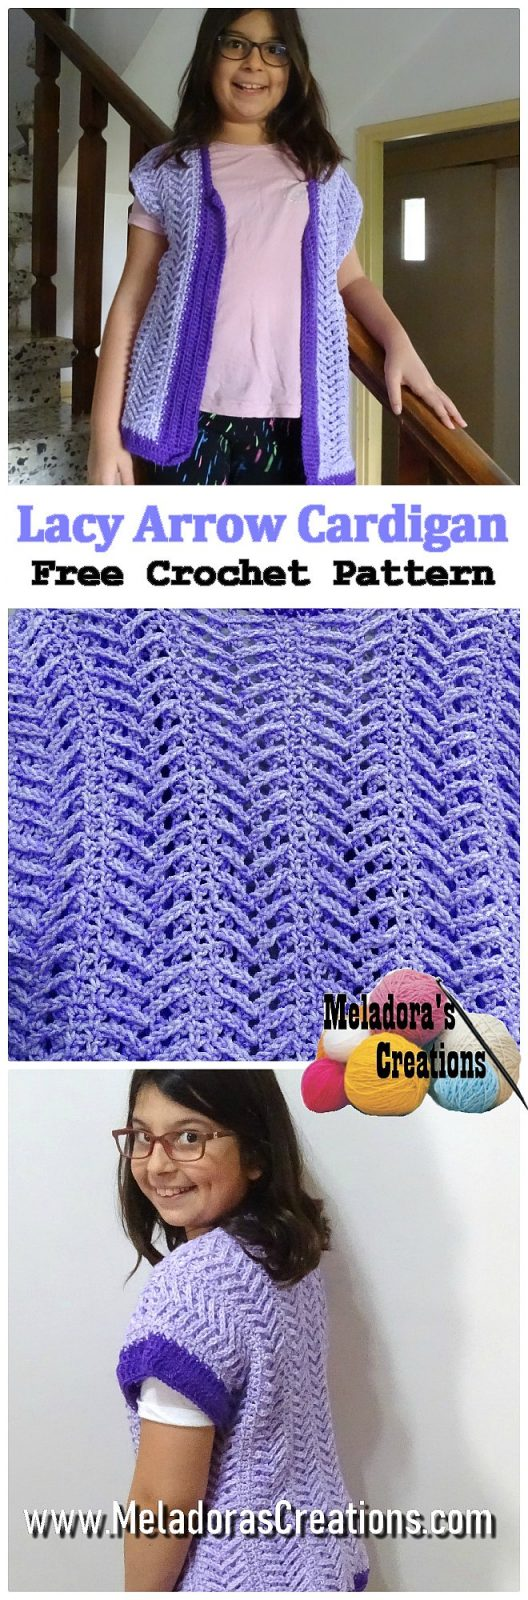 Lacy Arrow Cardigan – Free Crochet Pattern